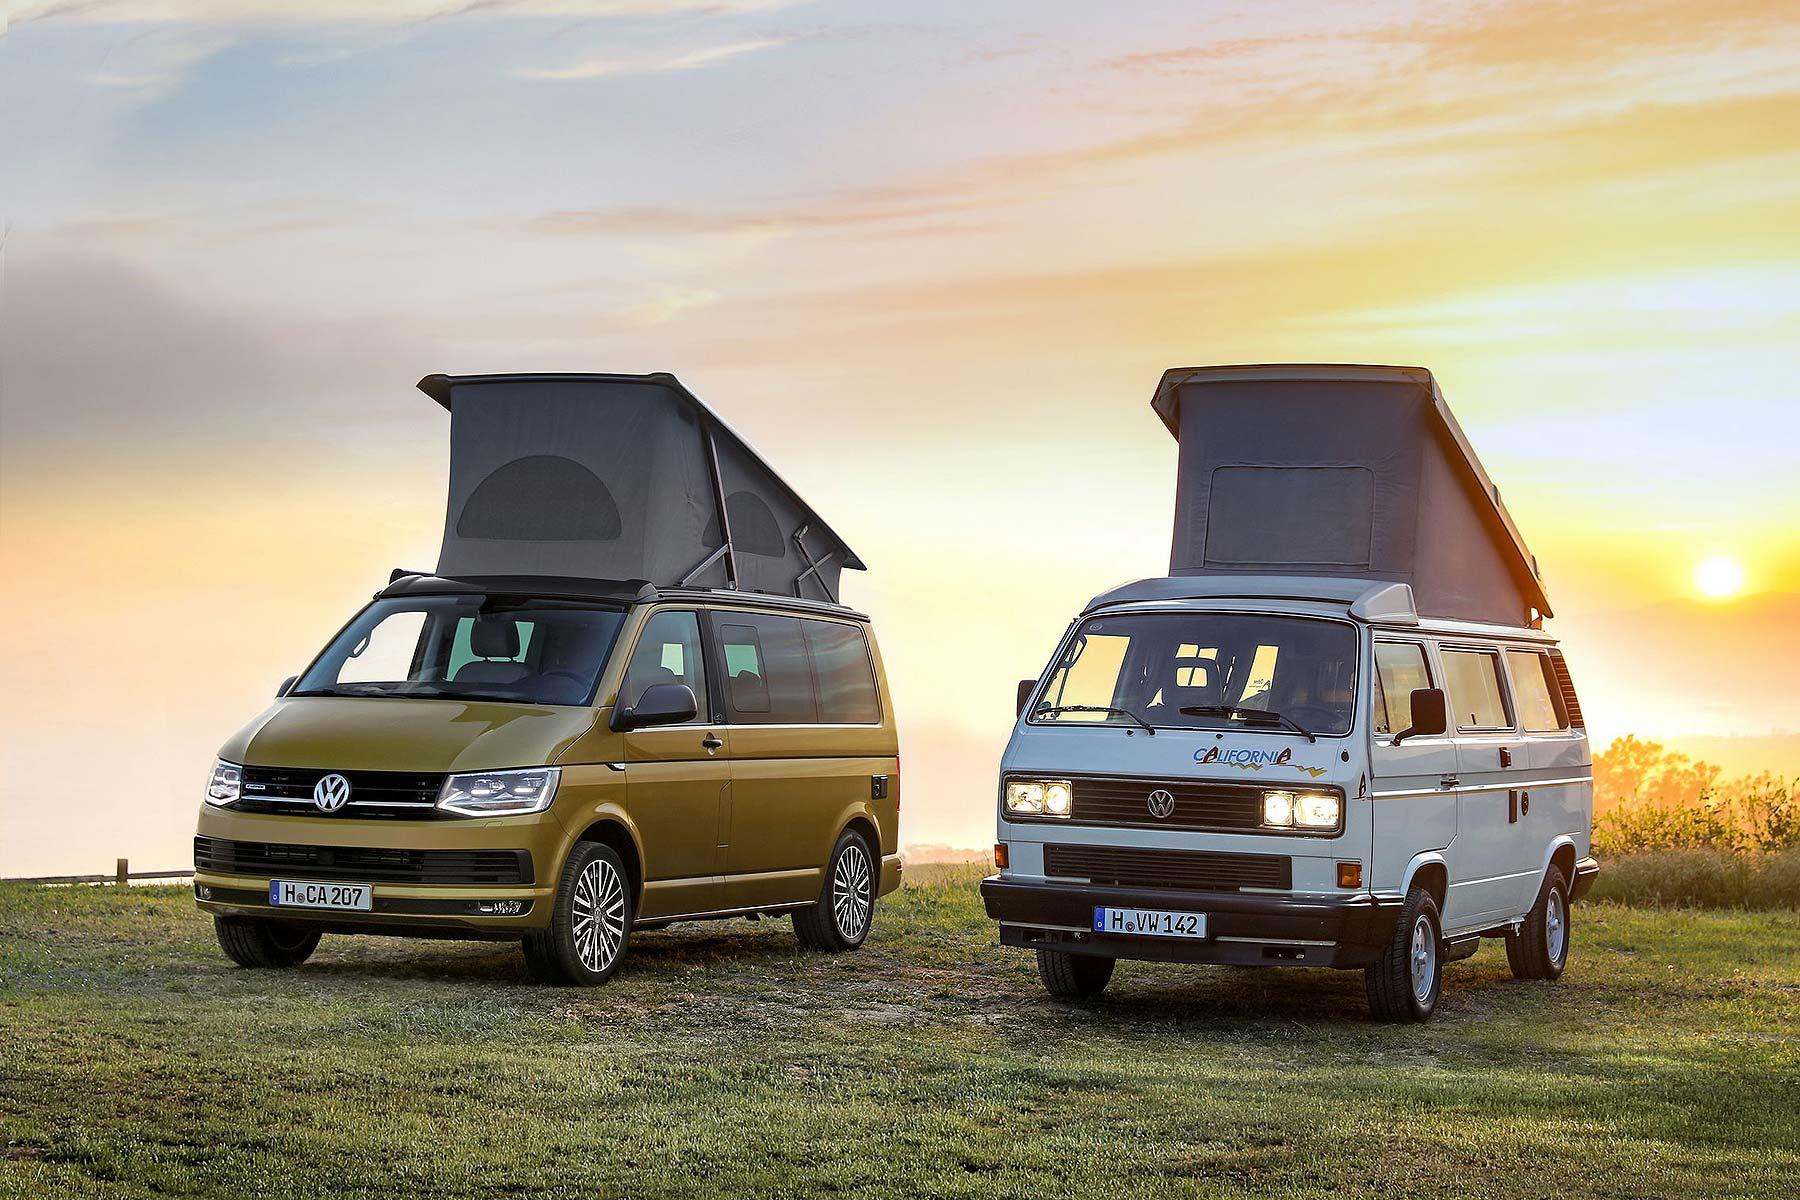 Volkswagen California: 2018 and 1988